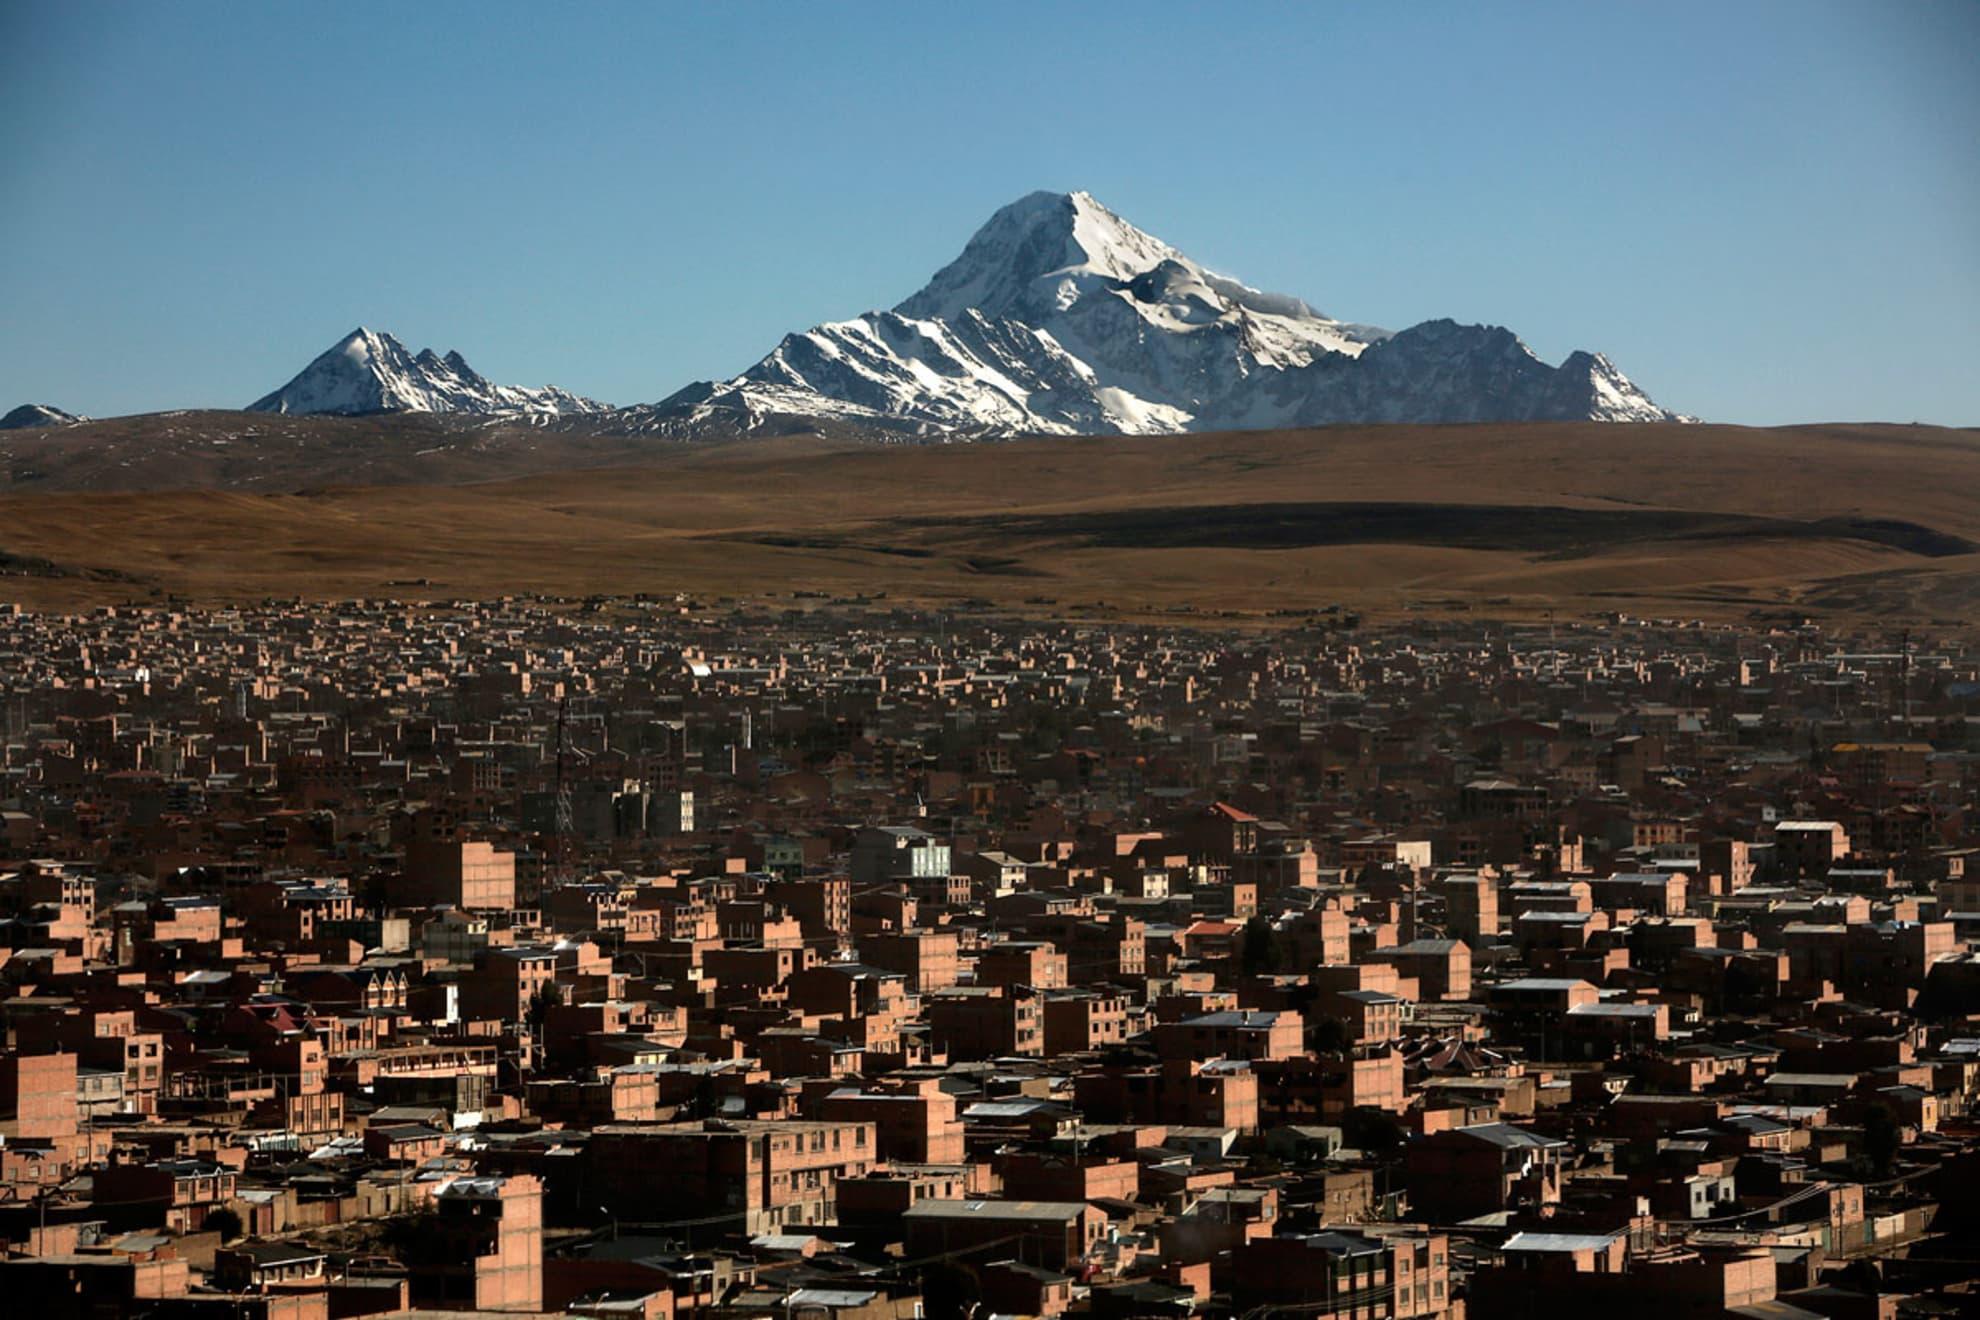 Vista general de la ciudad de El Alto junto a la ciudad de La Paz en Bolivia. 2 de septiembre de 2013.